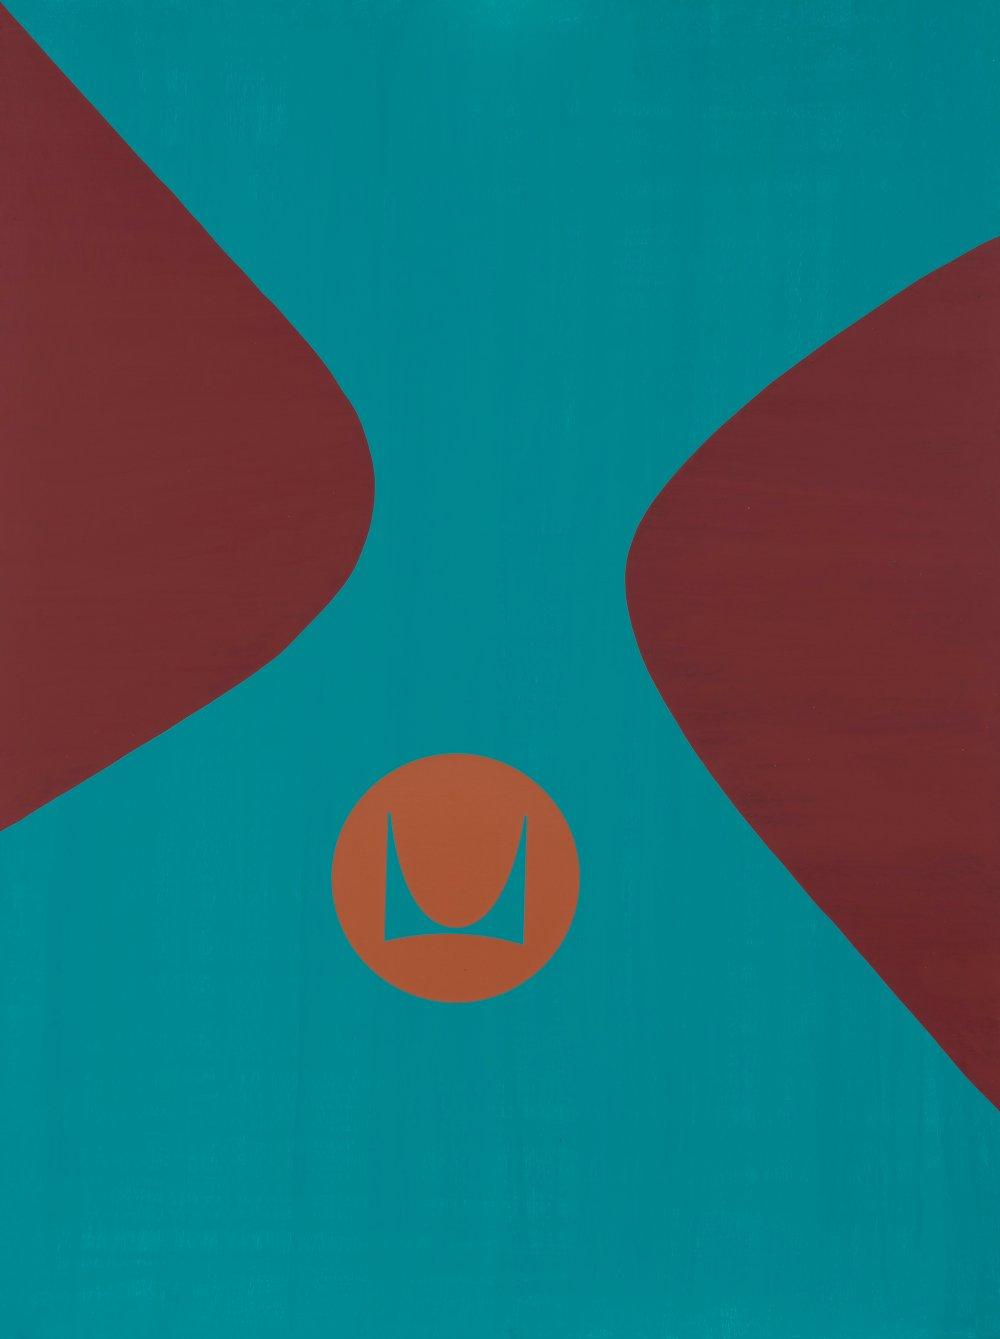 El Lissitzky / Herman Miller